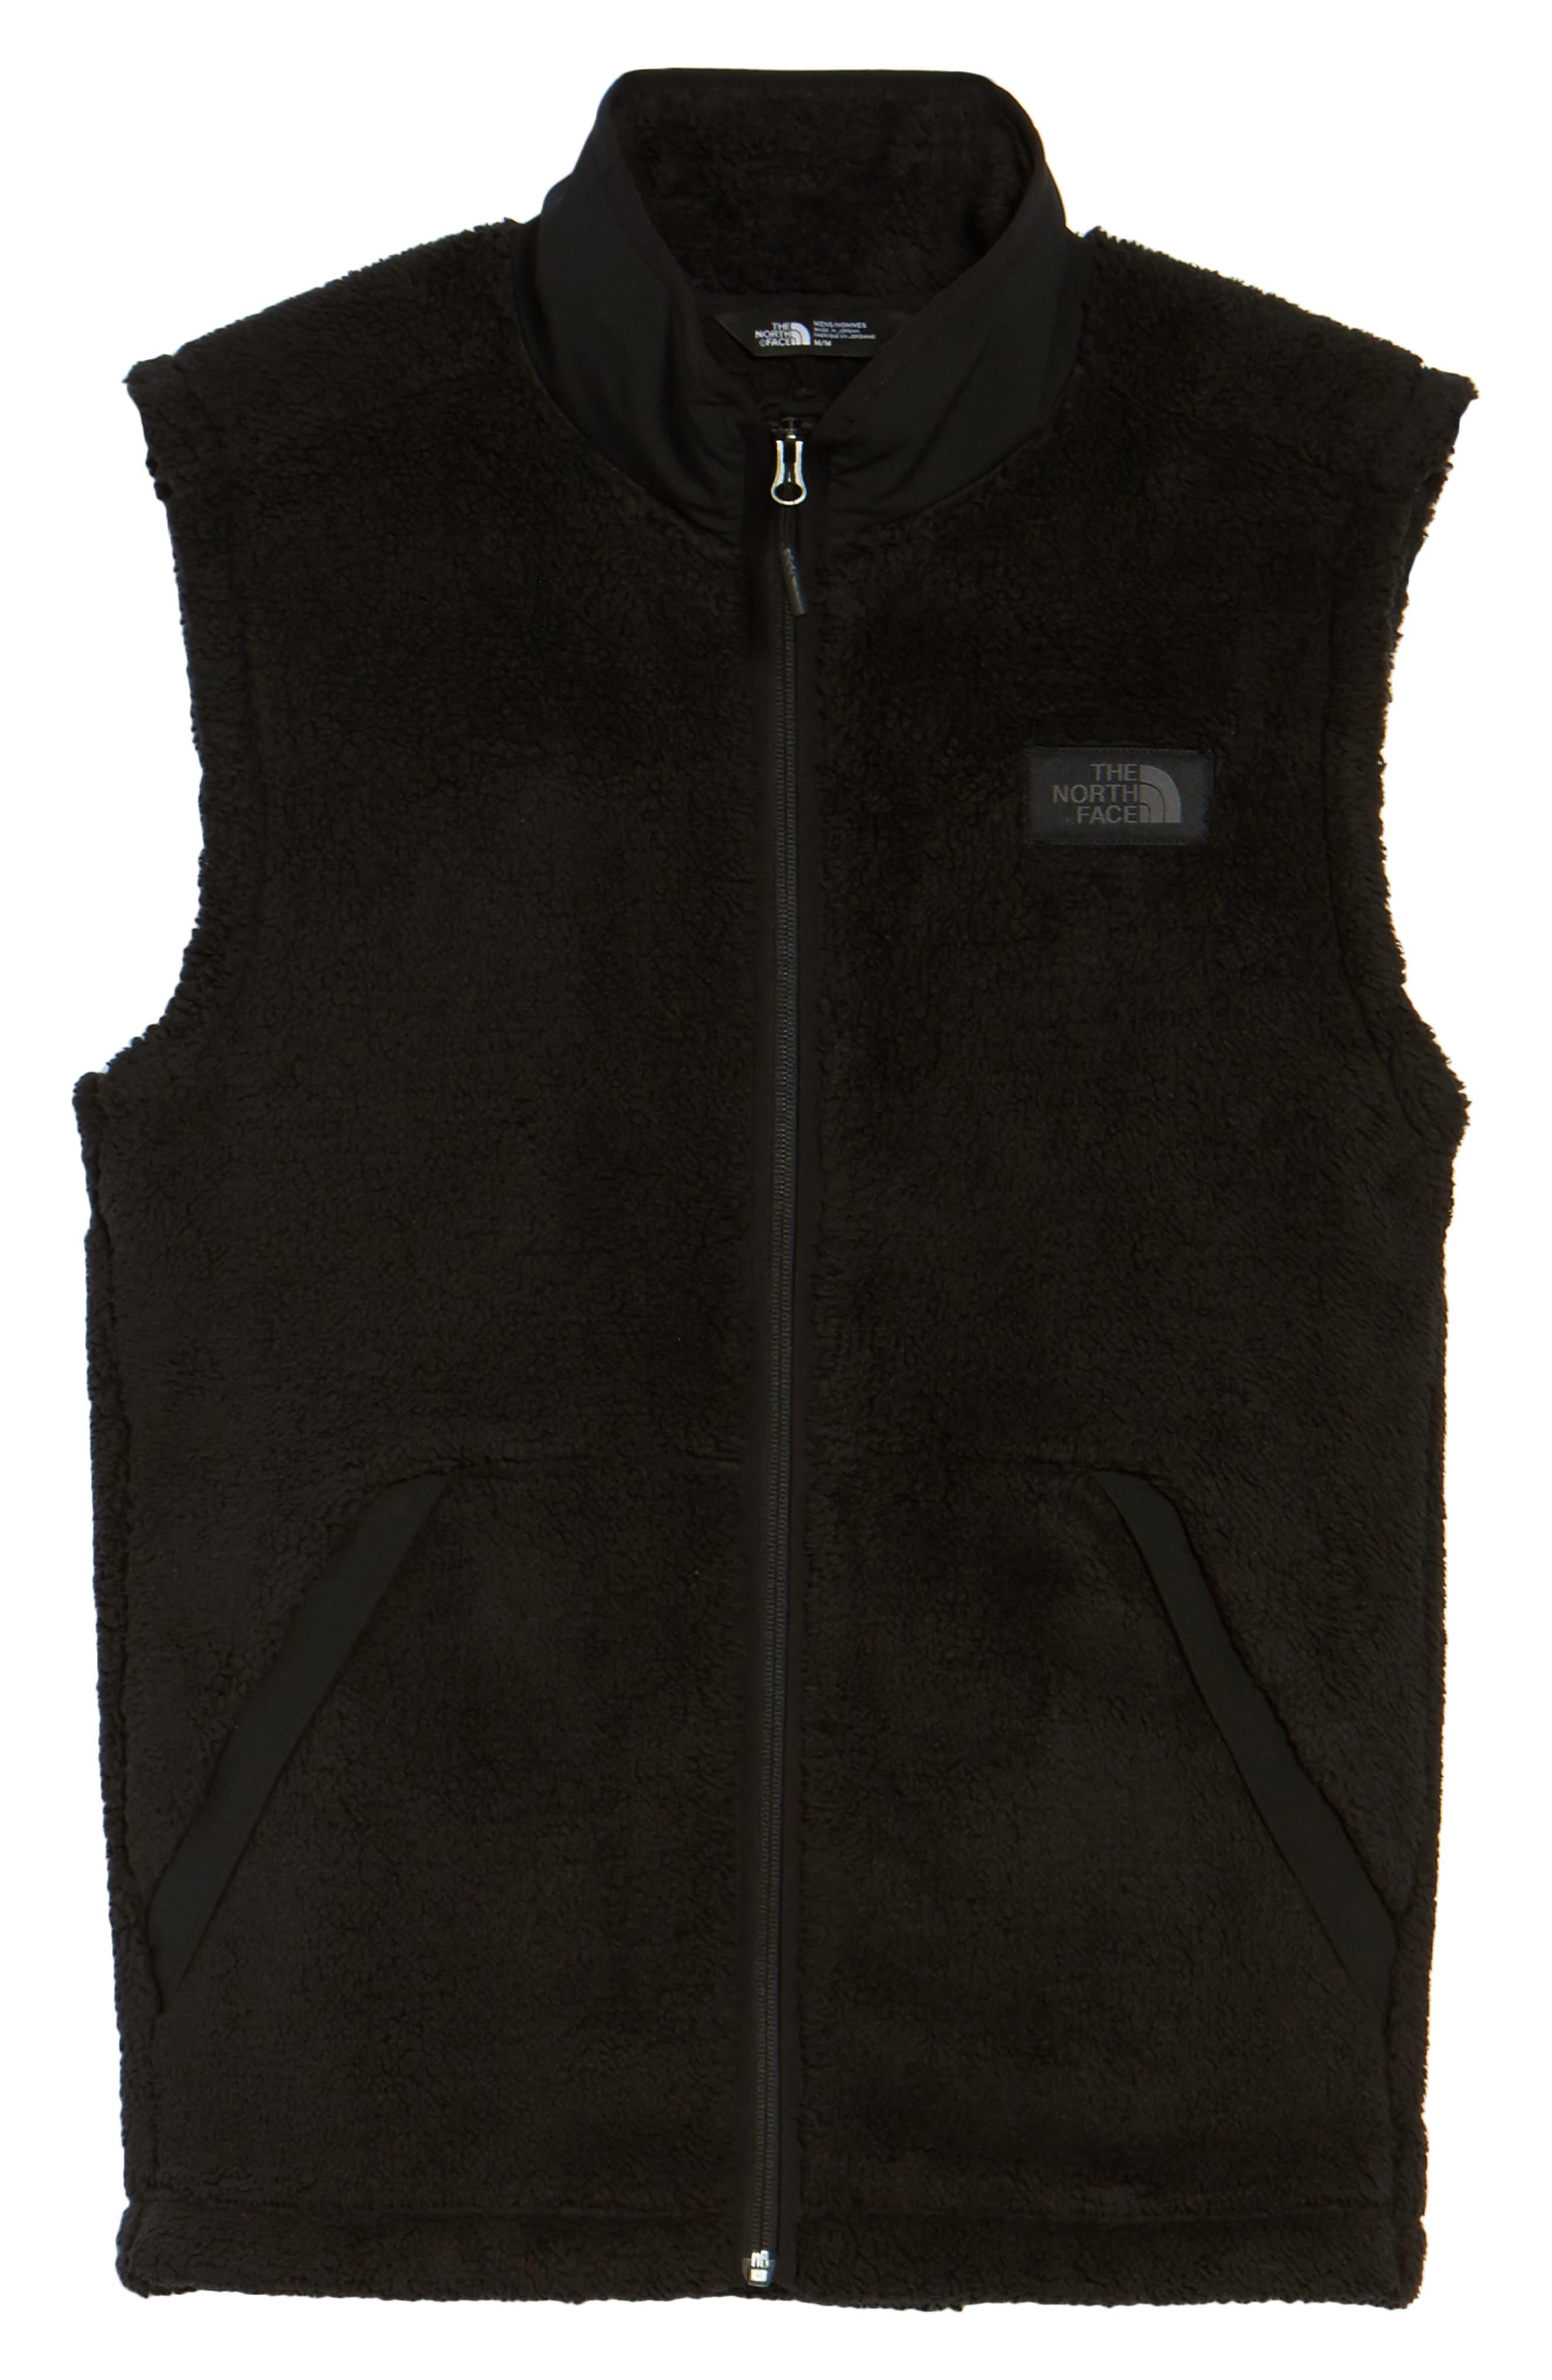 Campshire Fleece Vest,                             Alternate thumbnail 6, color,                             Black